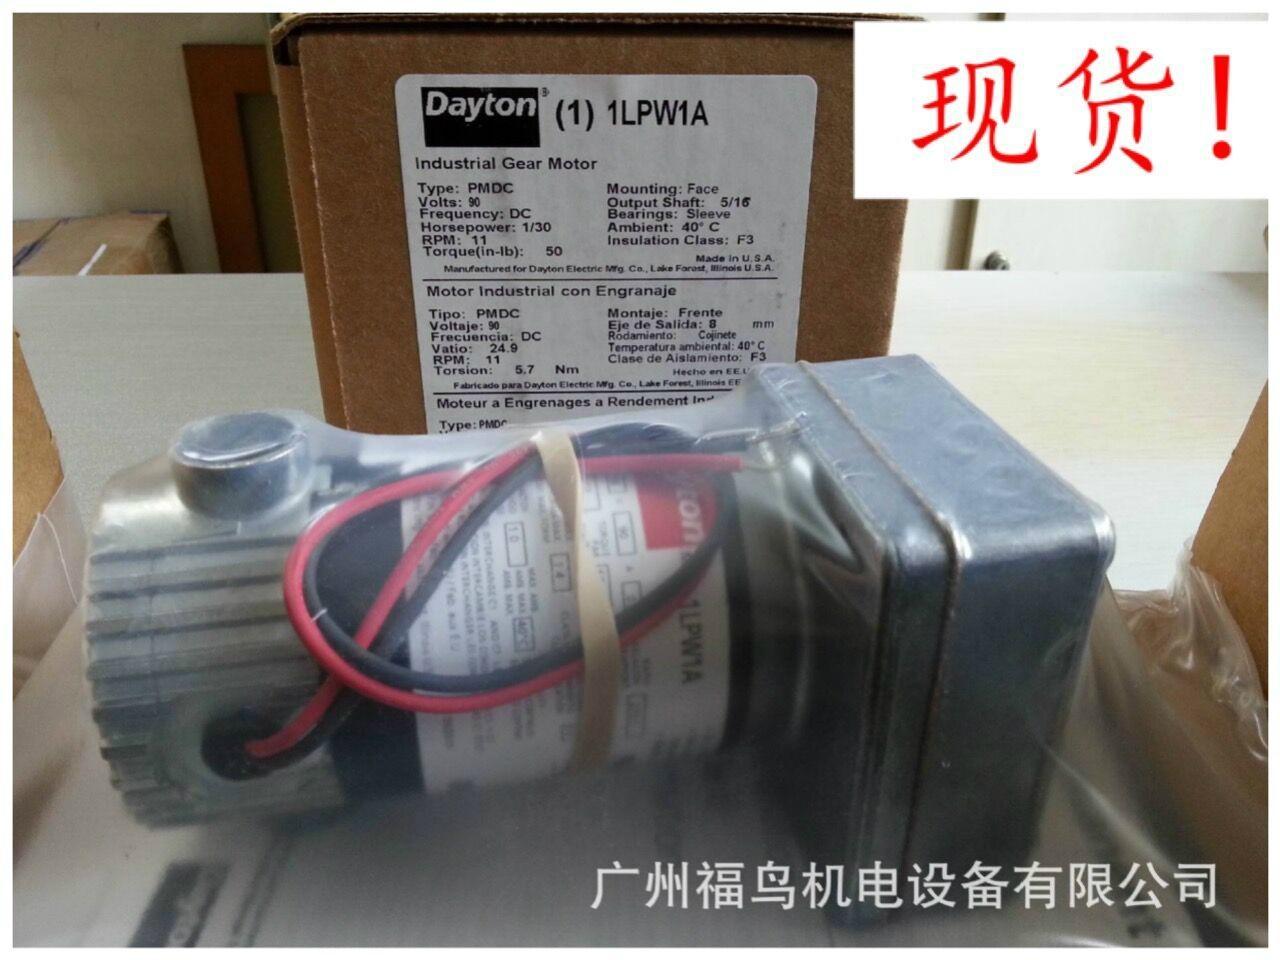 DAYTON电机, 现货型号: 1LPW1A